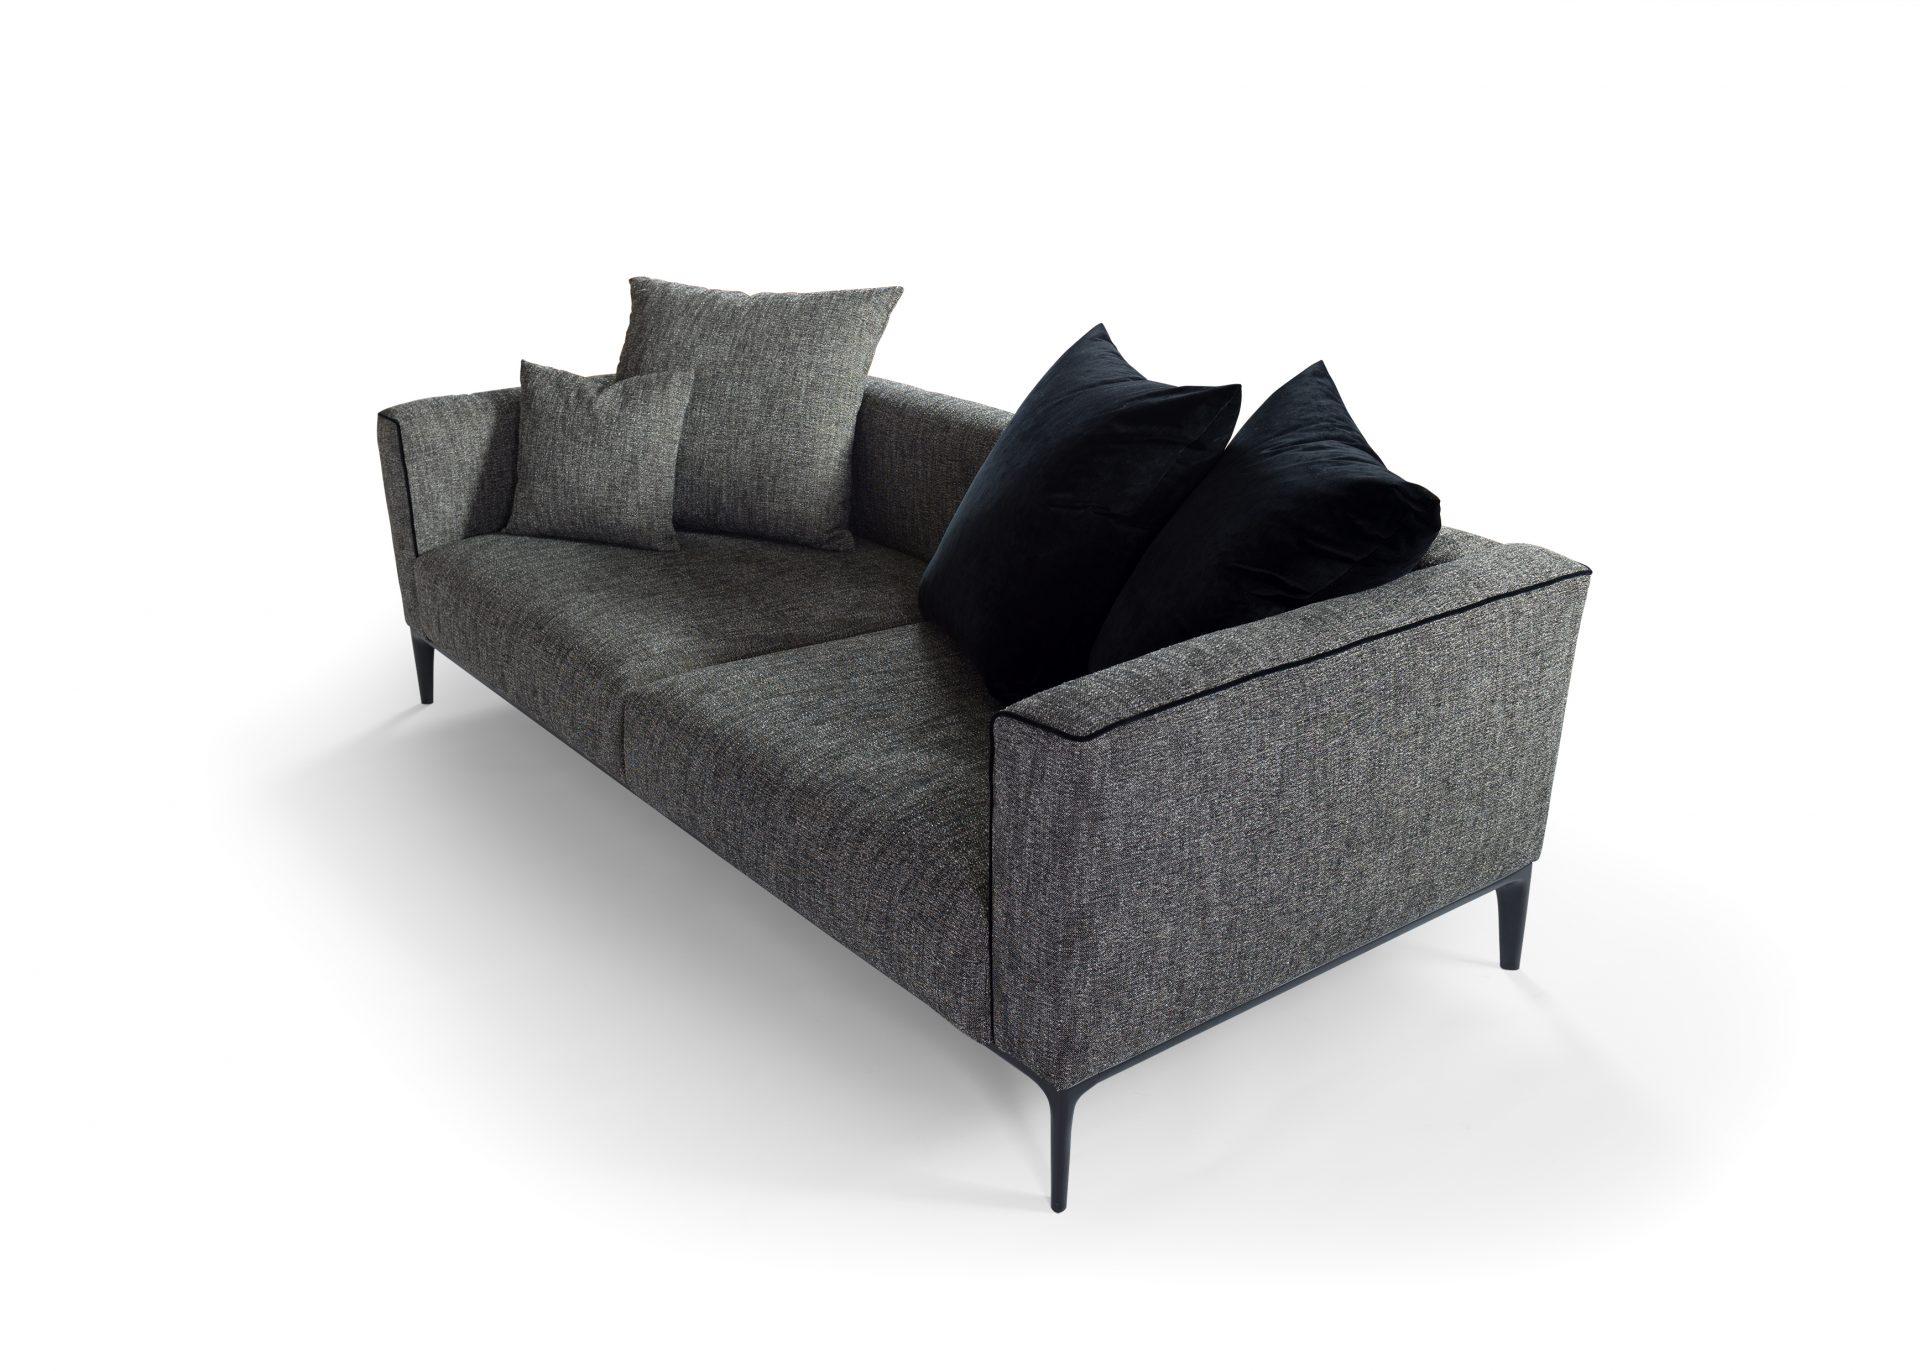 canap duplex de ralph m raphaele meubles. Black Bedroom Furniture Sets. Home Design Ideas